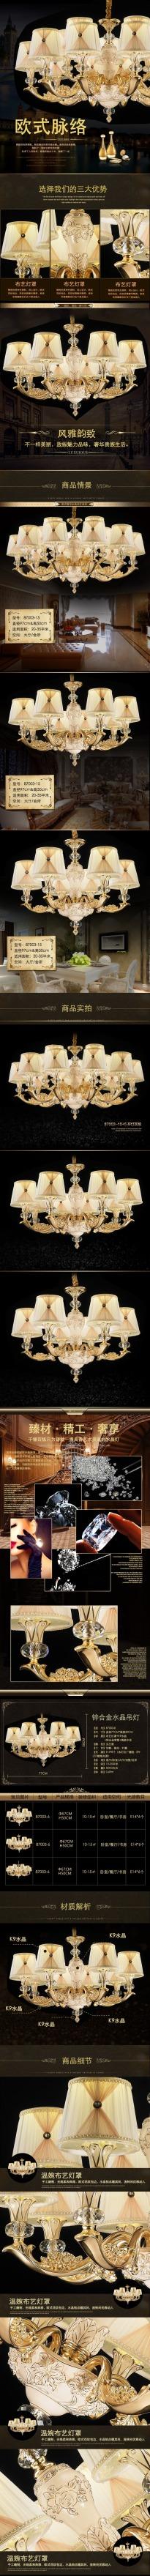 欧式奢华优雅LED水晶灯电商详情图